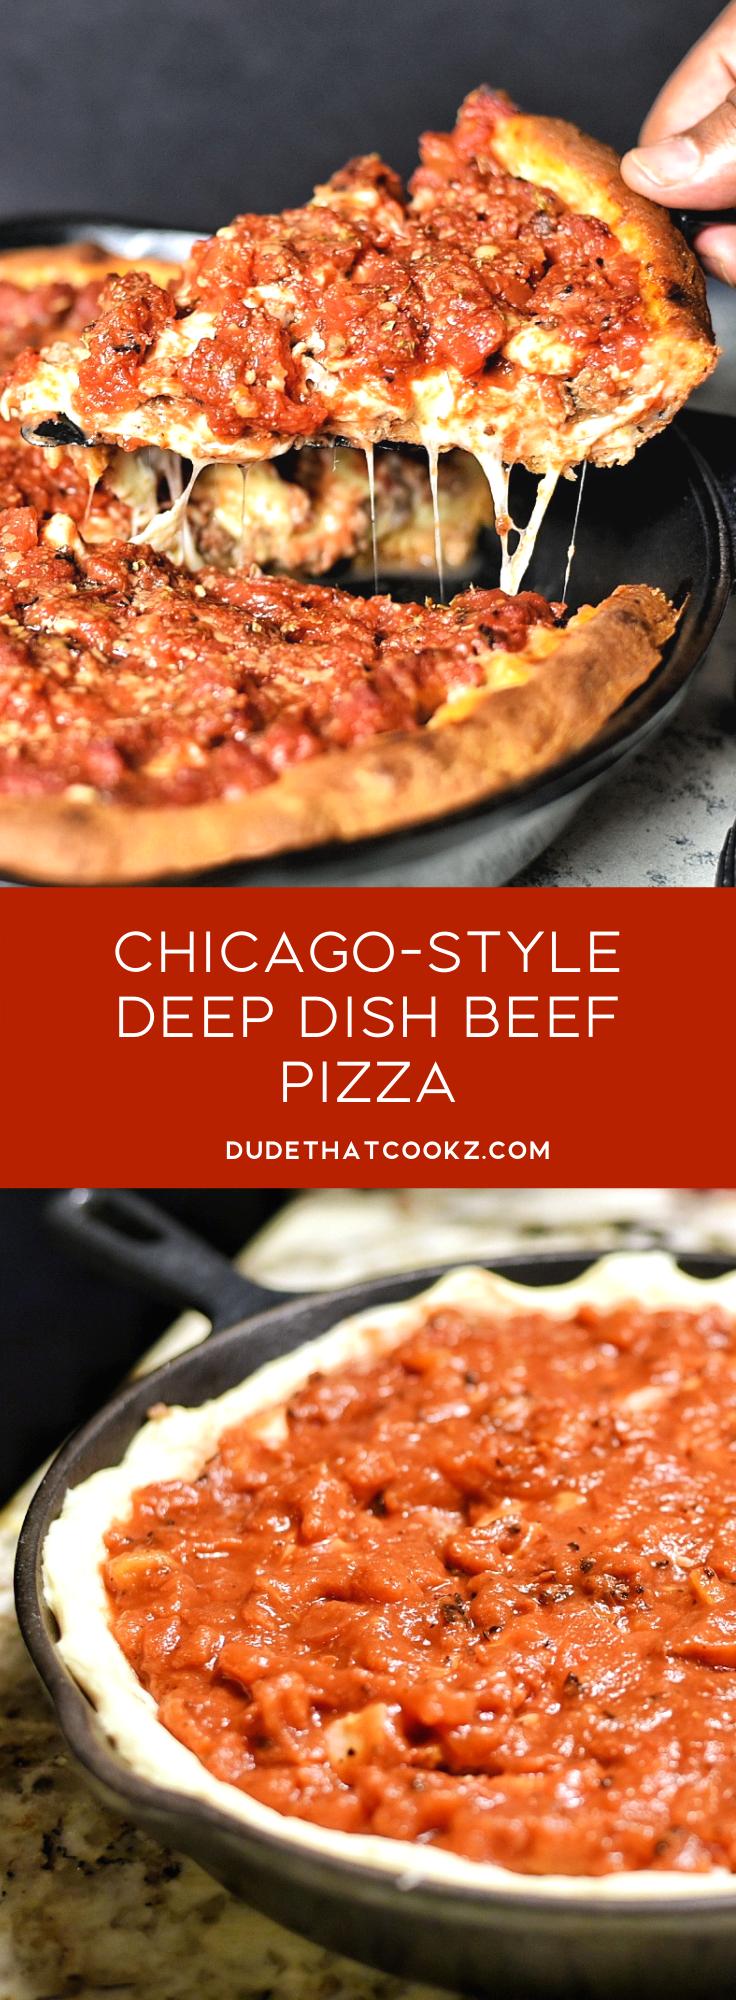 Deep Dish Beef Pizza